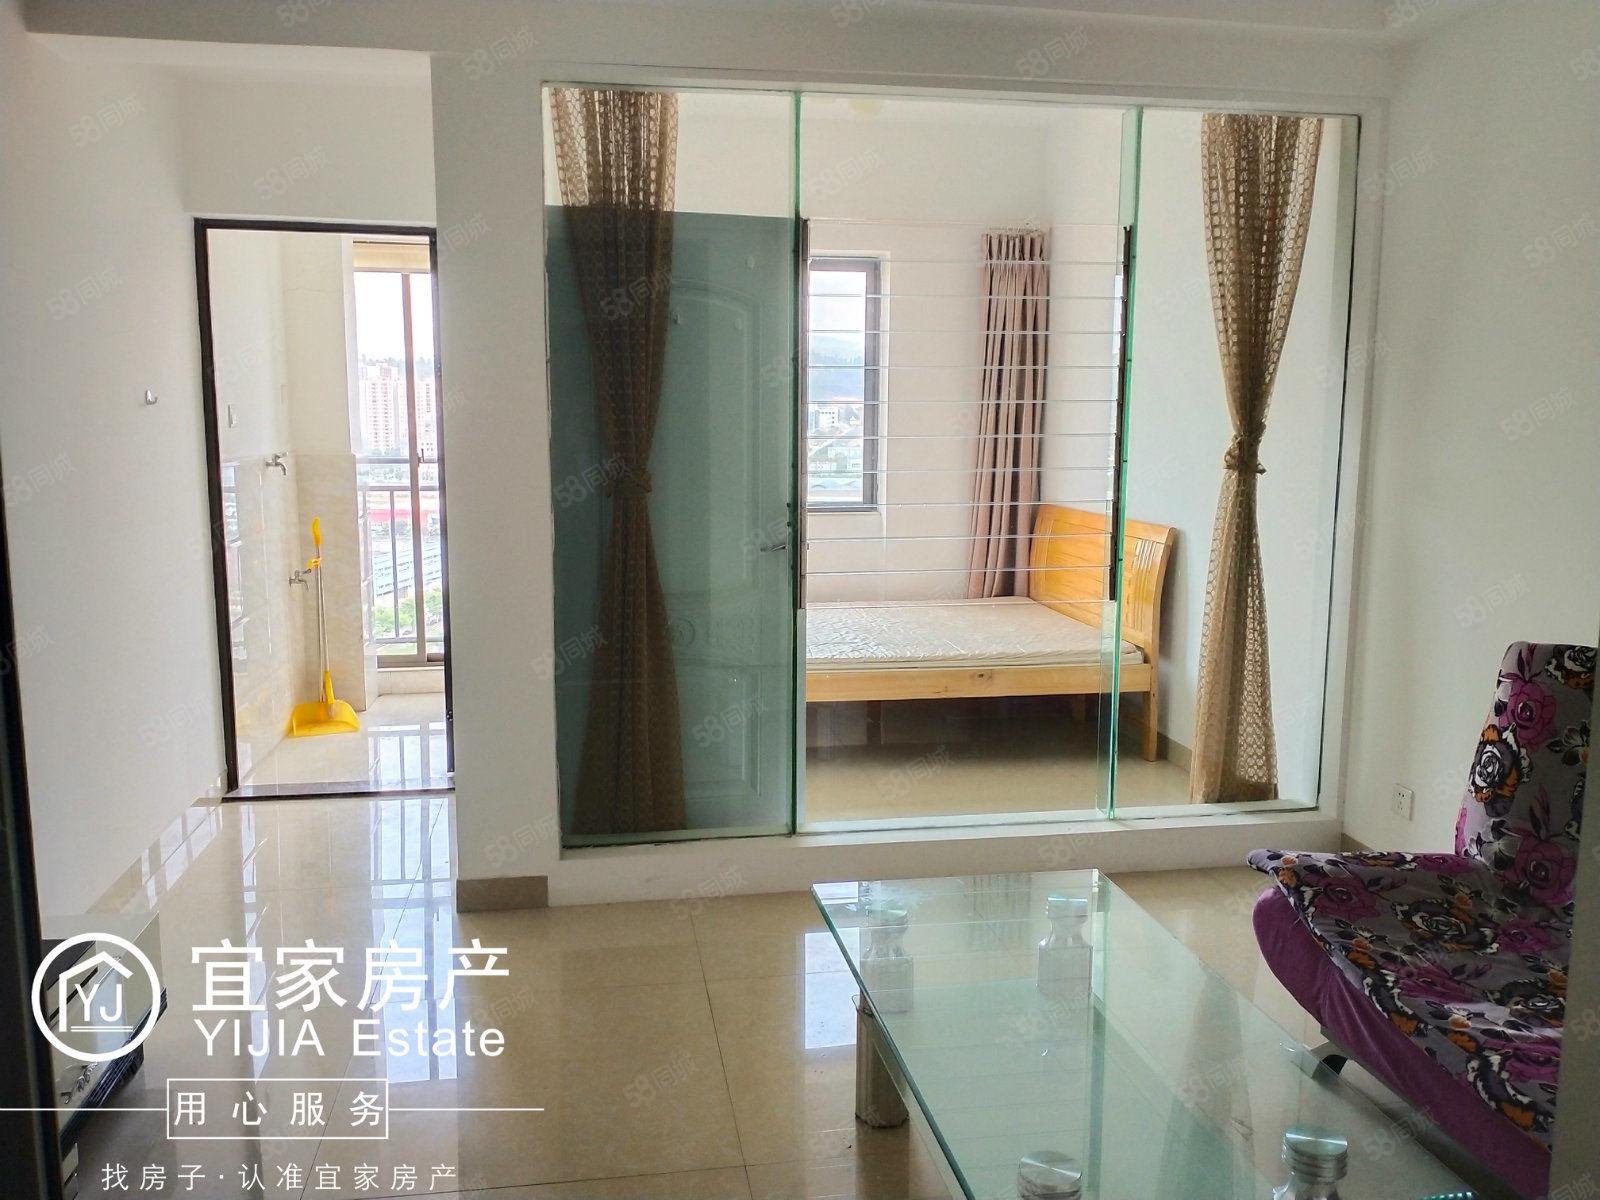 都市经典单身公寓1室1厅1卫简单装修带全套家具家电出